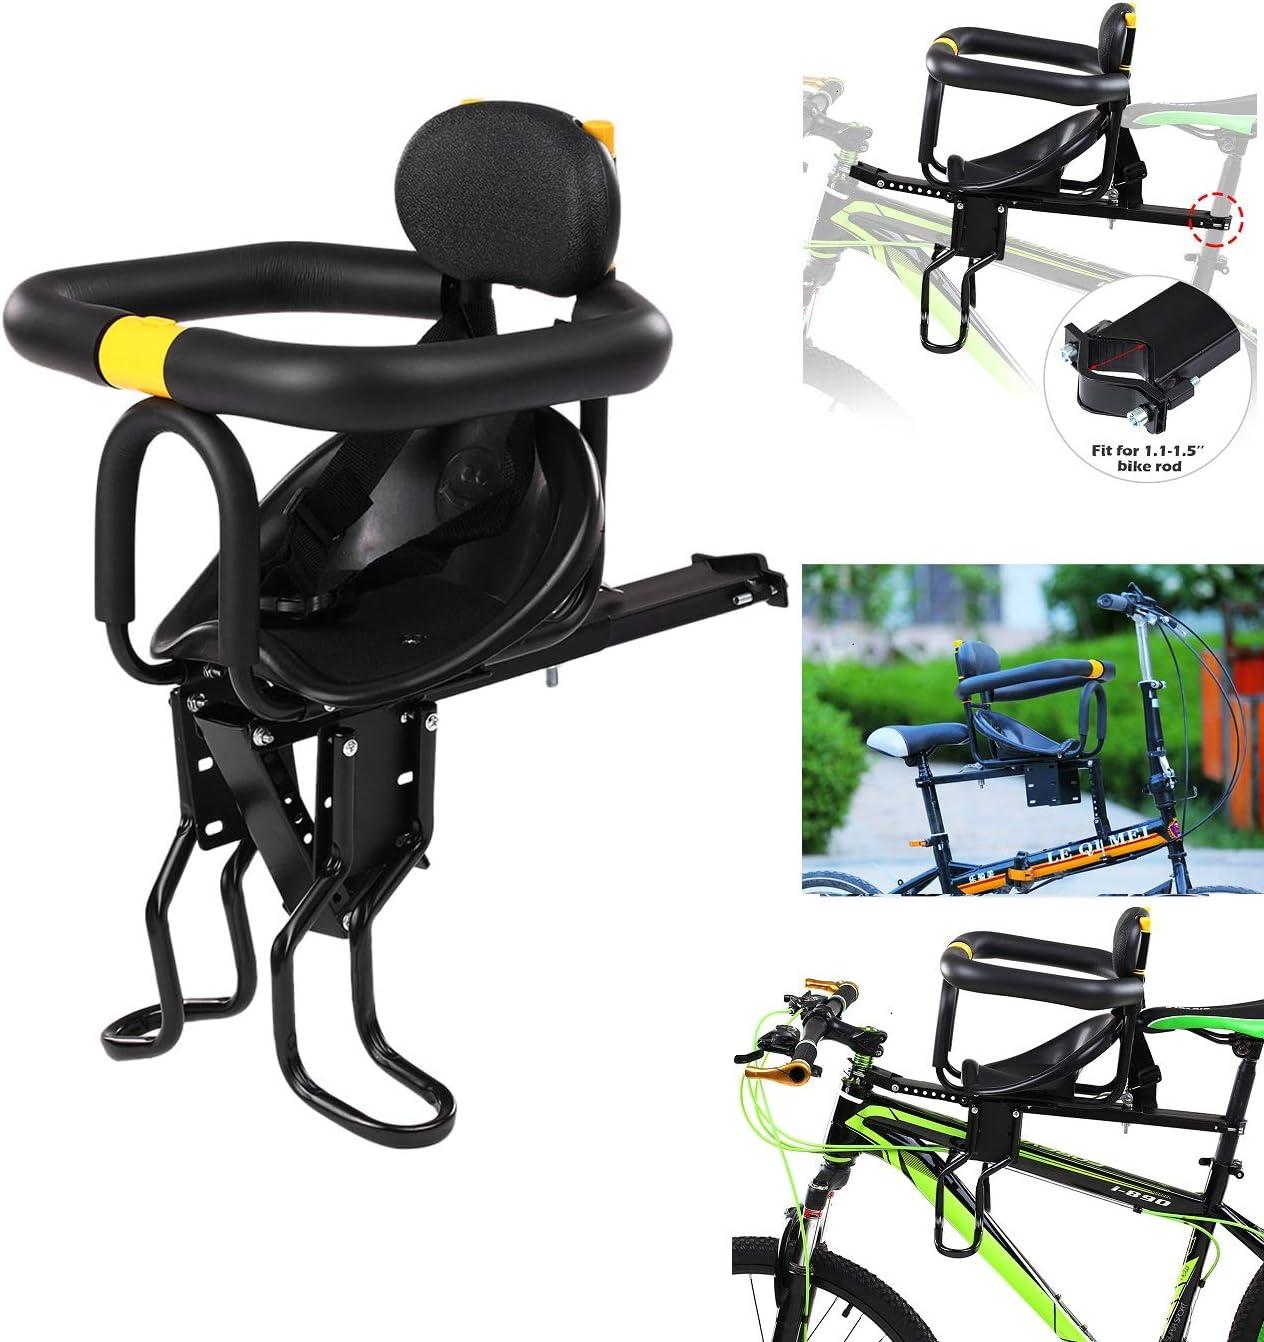 Fahrradsitz Kinder f/ür Herrenfahrr/ädern und Damenr/ädern Abnehmbar Fahrradkindersitz Vorne mit Pedal und Griff TETAKE Kindersitz Fahrrad